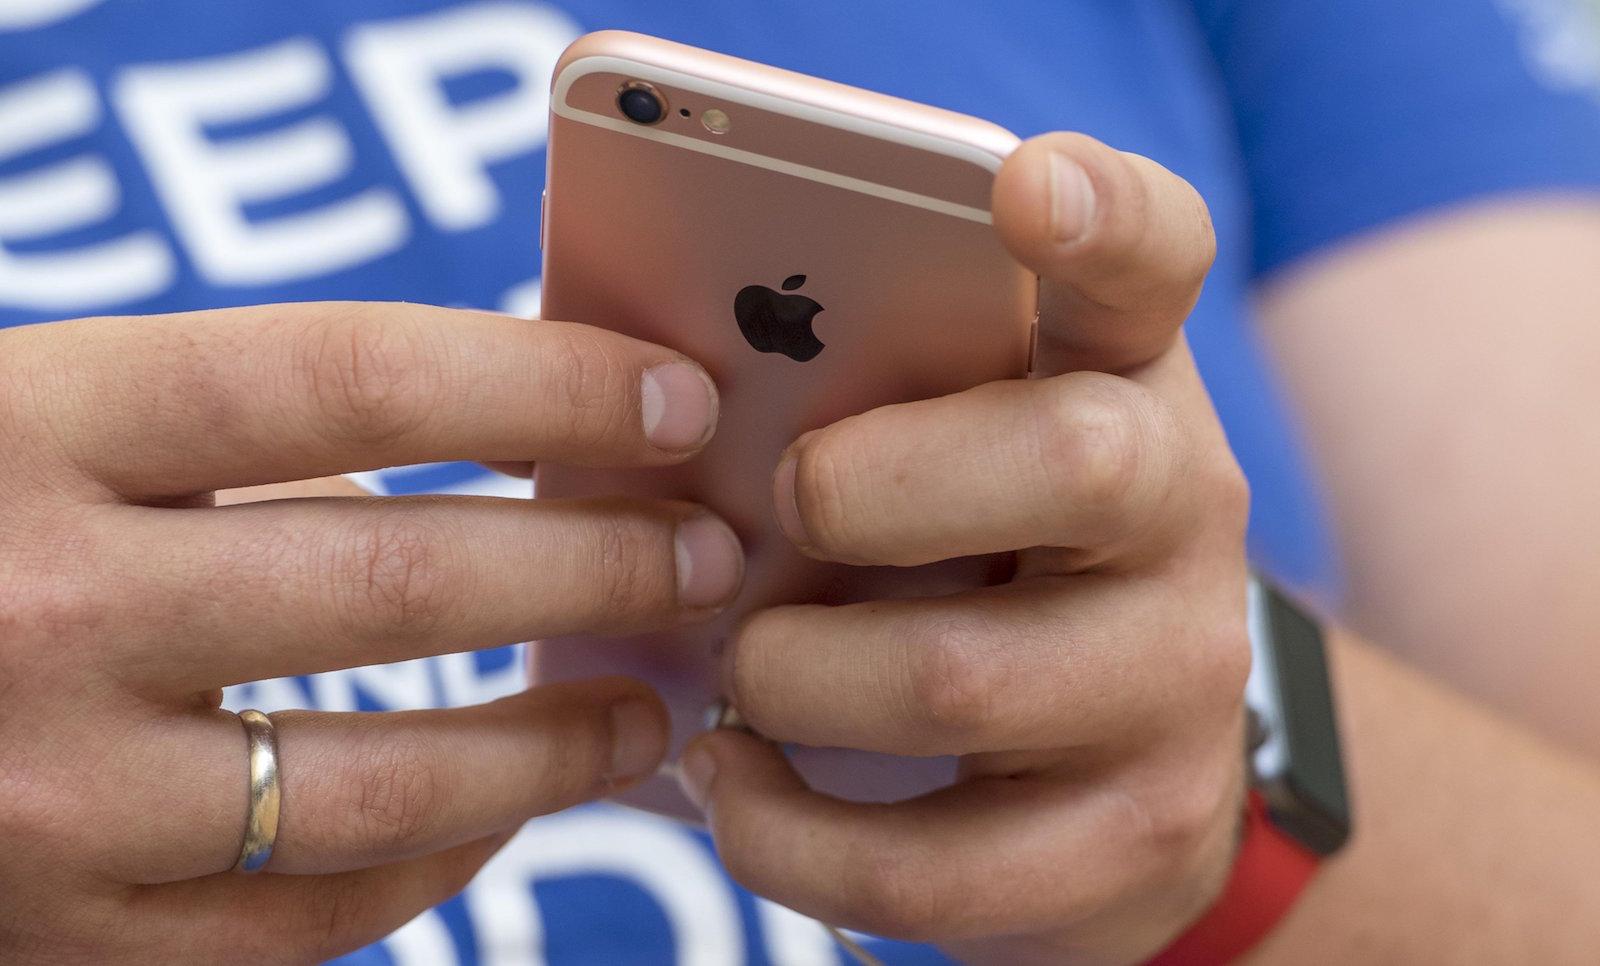 ФАС хочет возбудить дело против Apple: но обосновано ли?